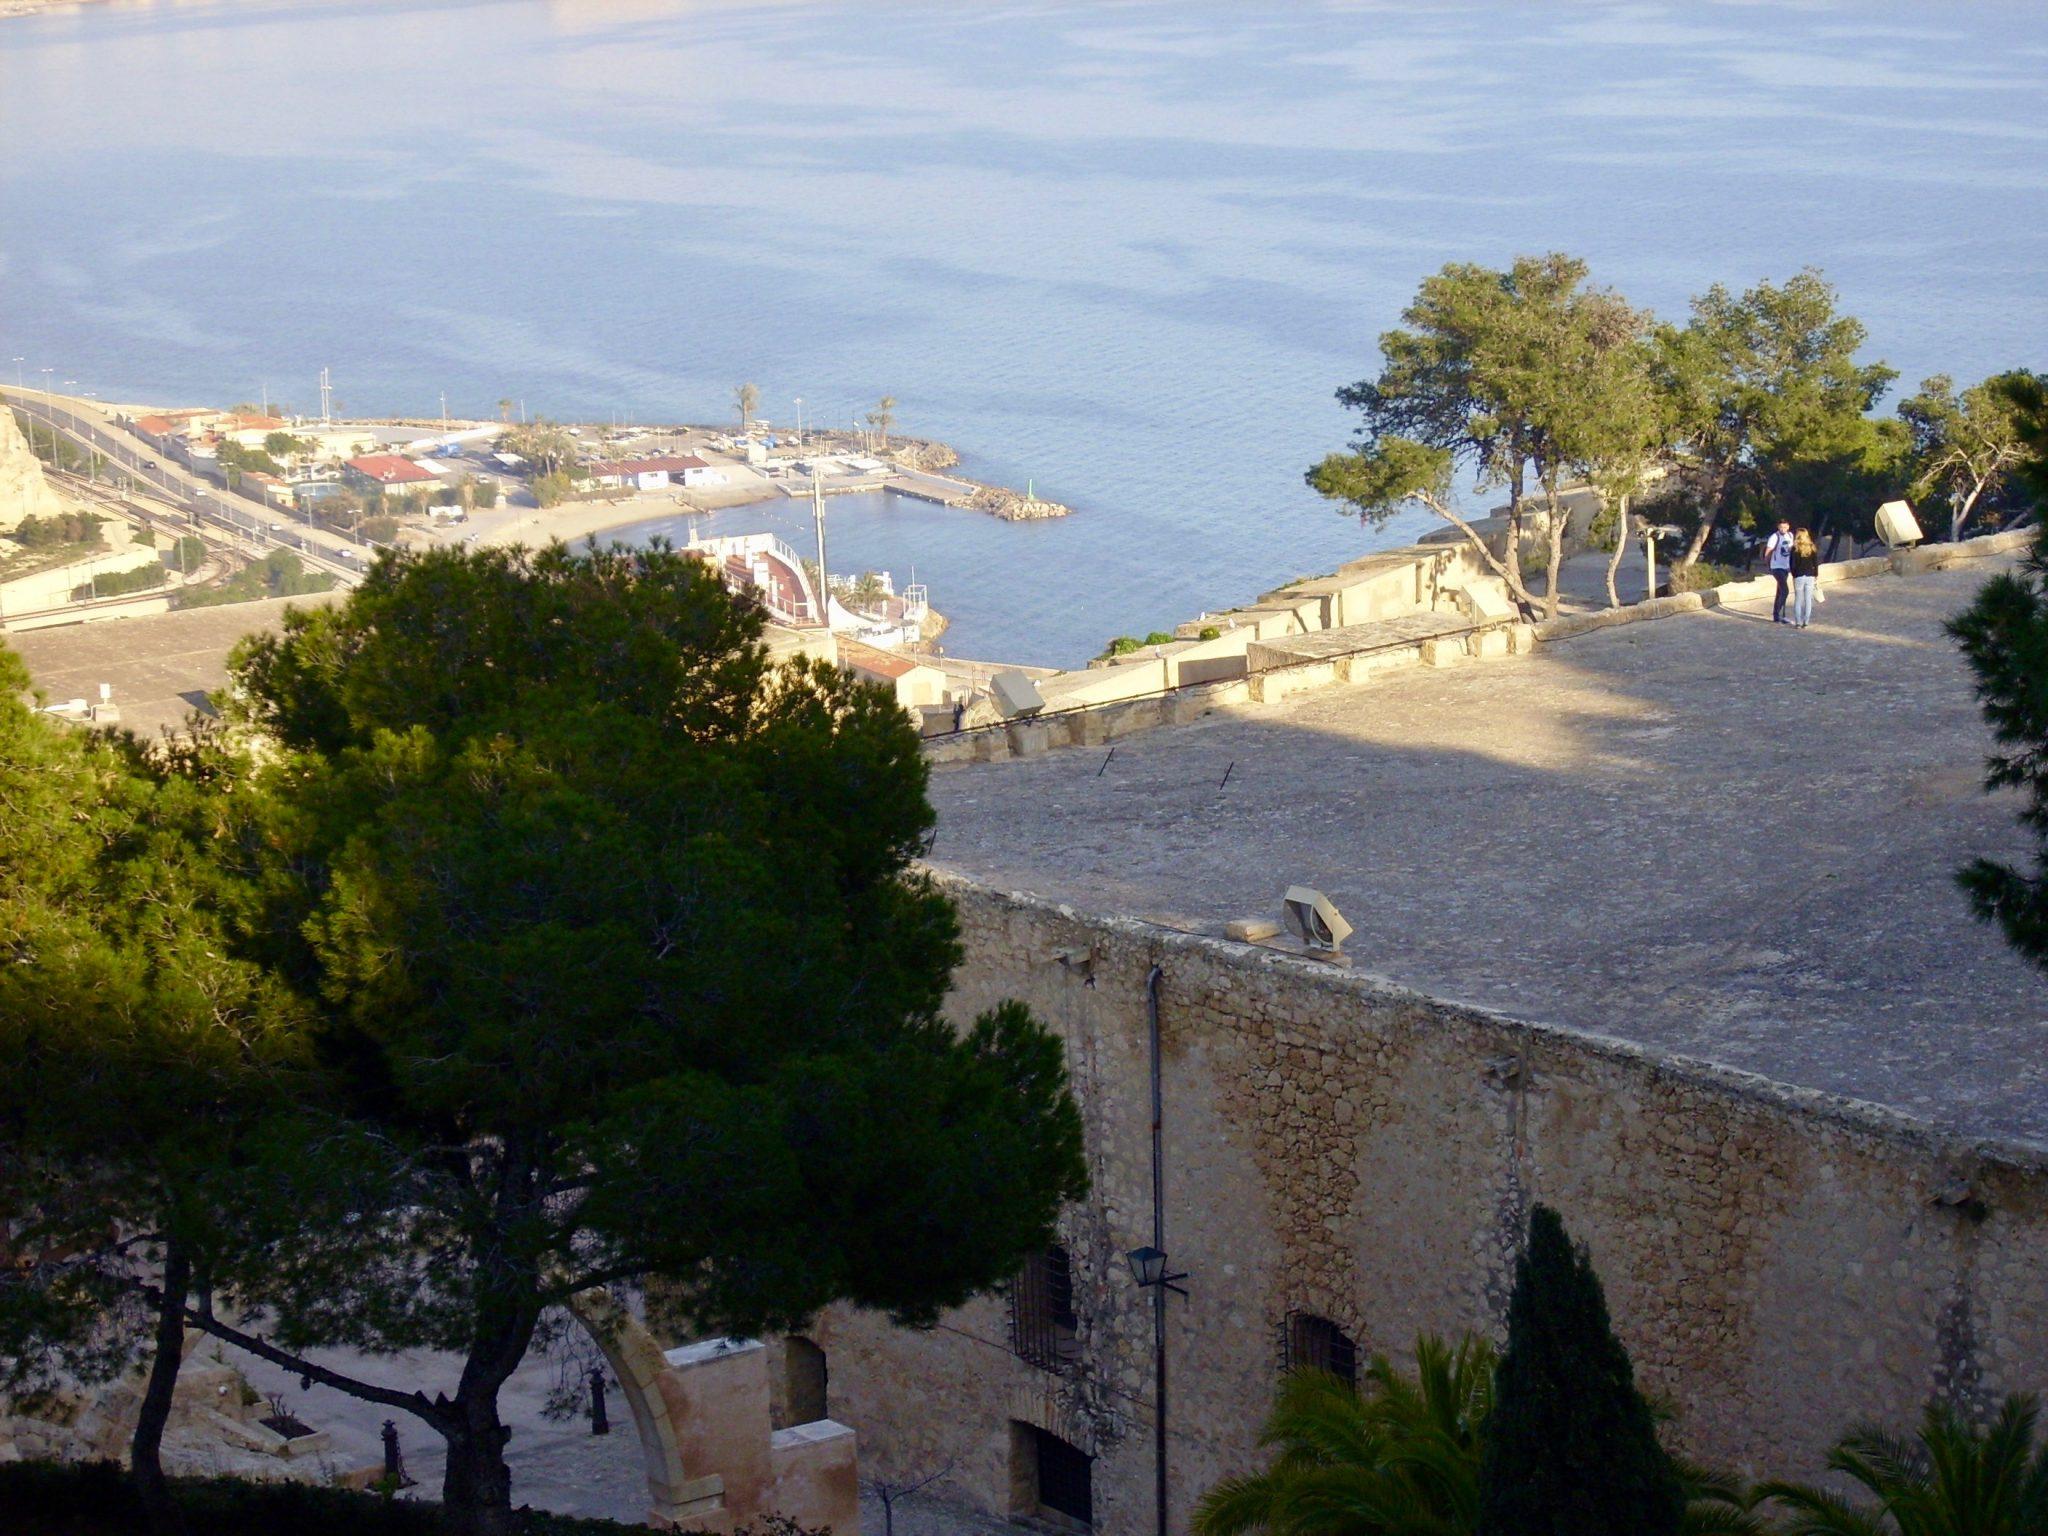 Alicante, Castillo de Santa Bárbara: Die verschiedenen Ebenen der Burg kannst du deutlich erkennen.